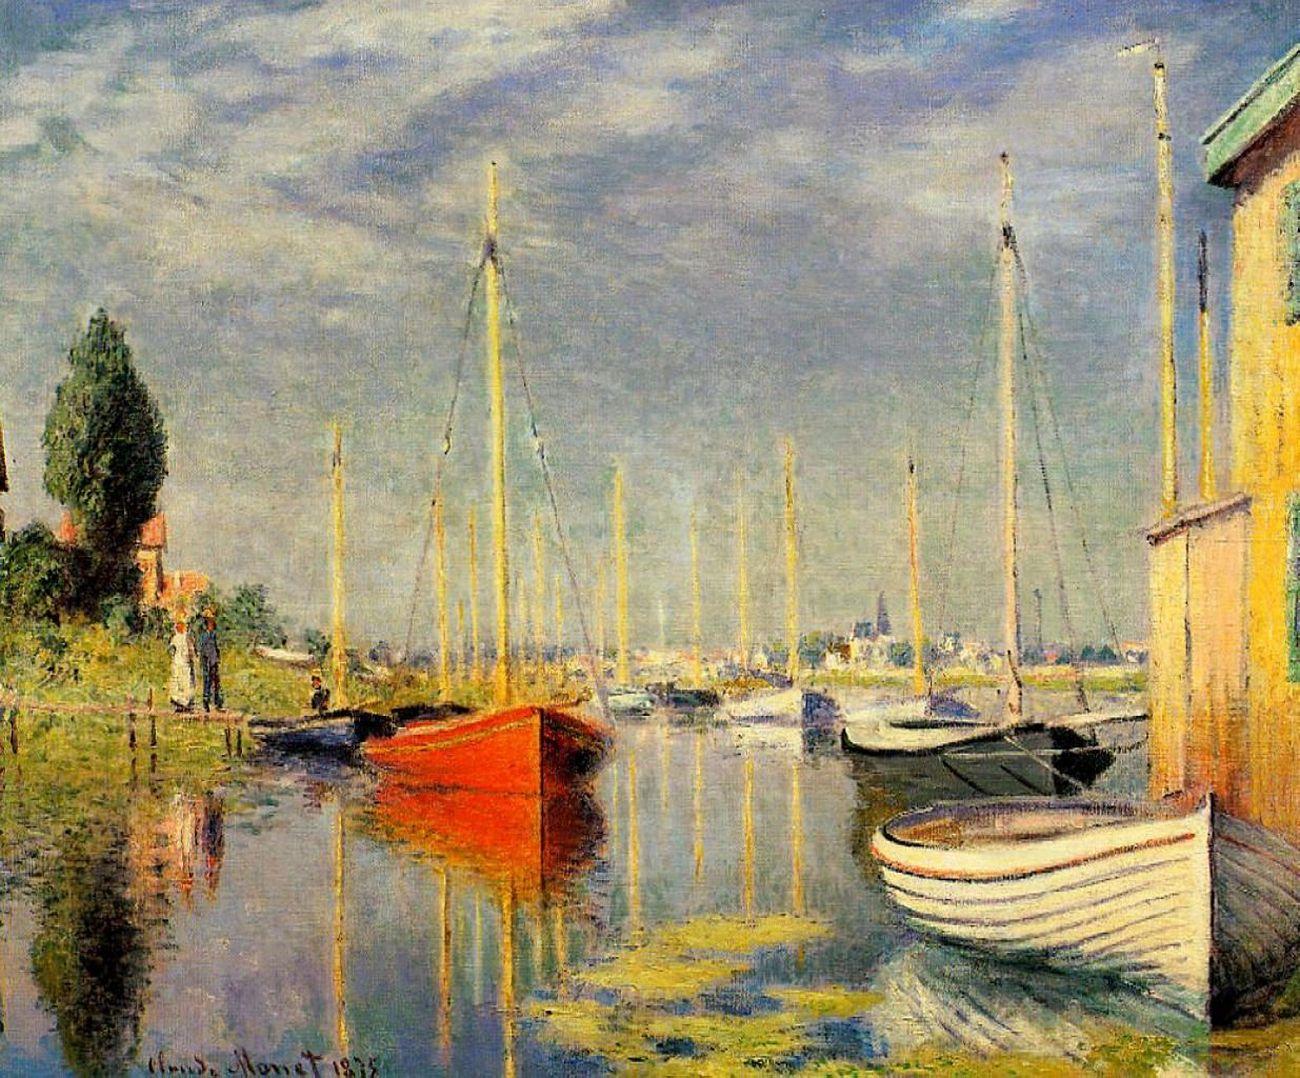 пейзажи - парусники и лодки < Яхты в Аржантёе >:: Клод Моне, описание картины - Claude Monet фото